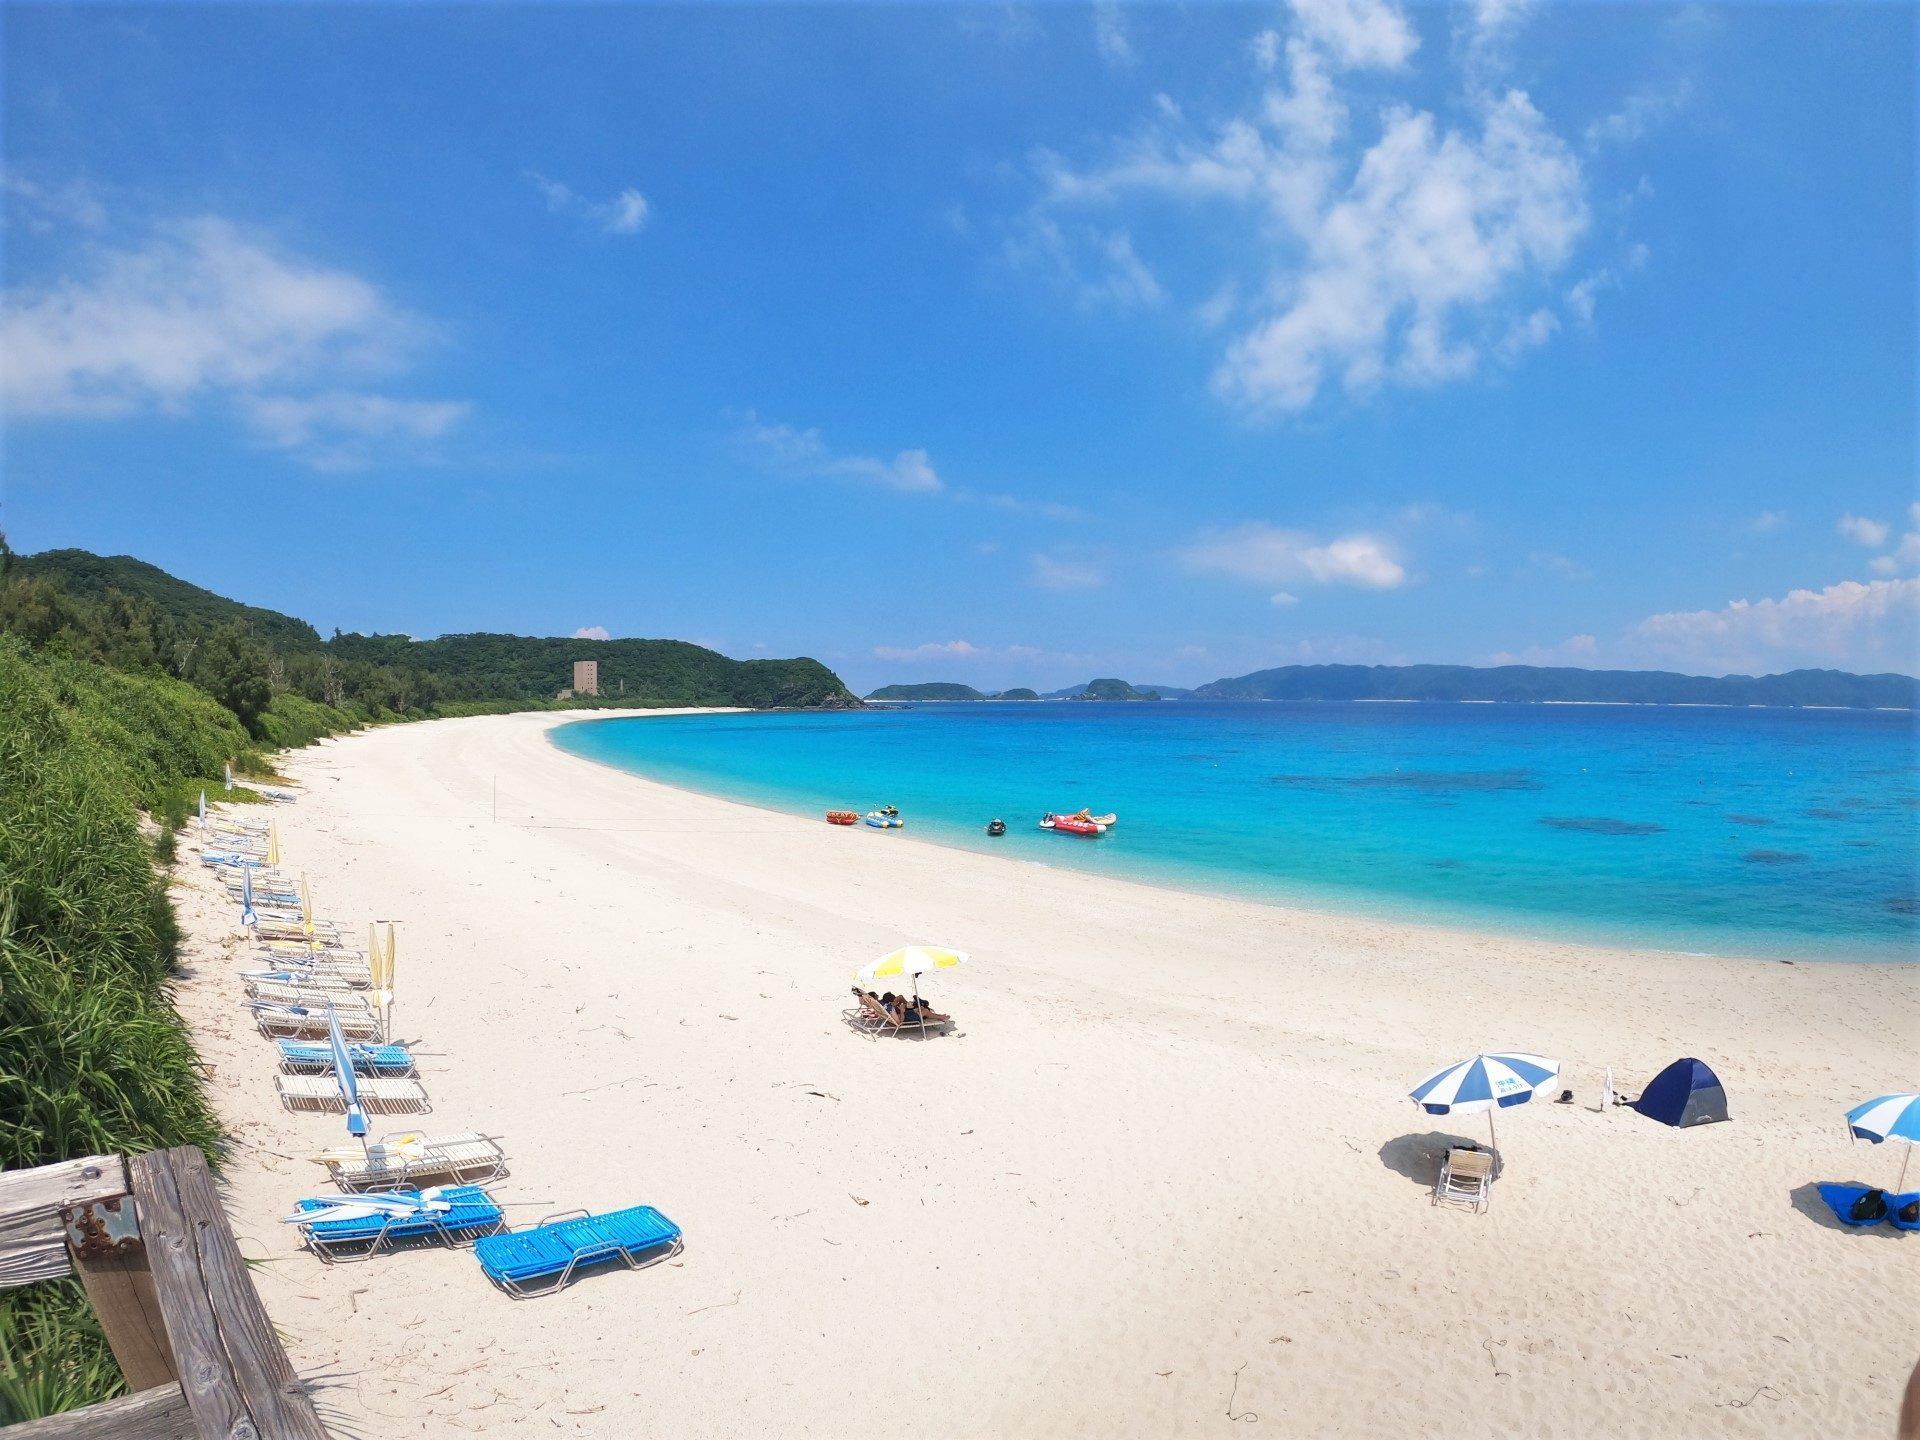 座間味島 観光 沖縄 離島 旅行 おすすめ 古座間味ビーチ